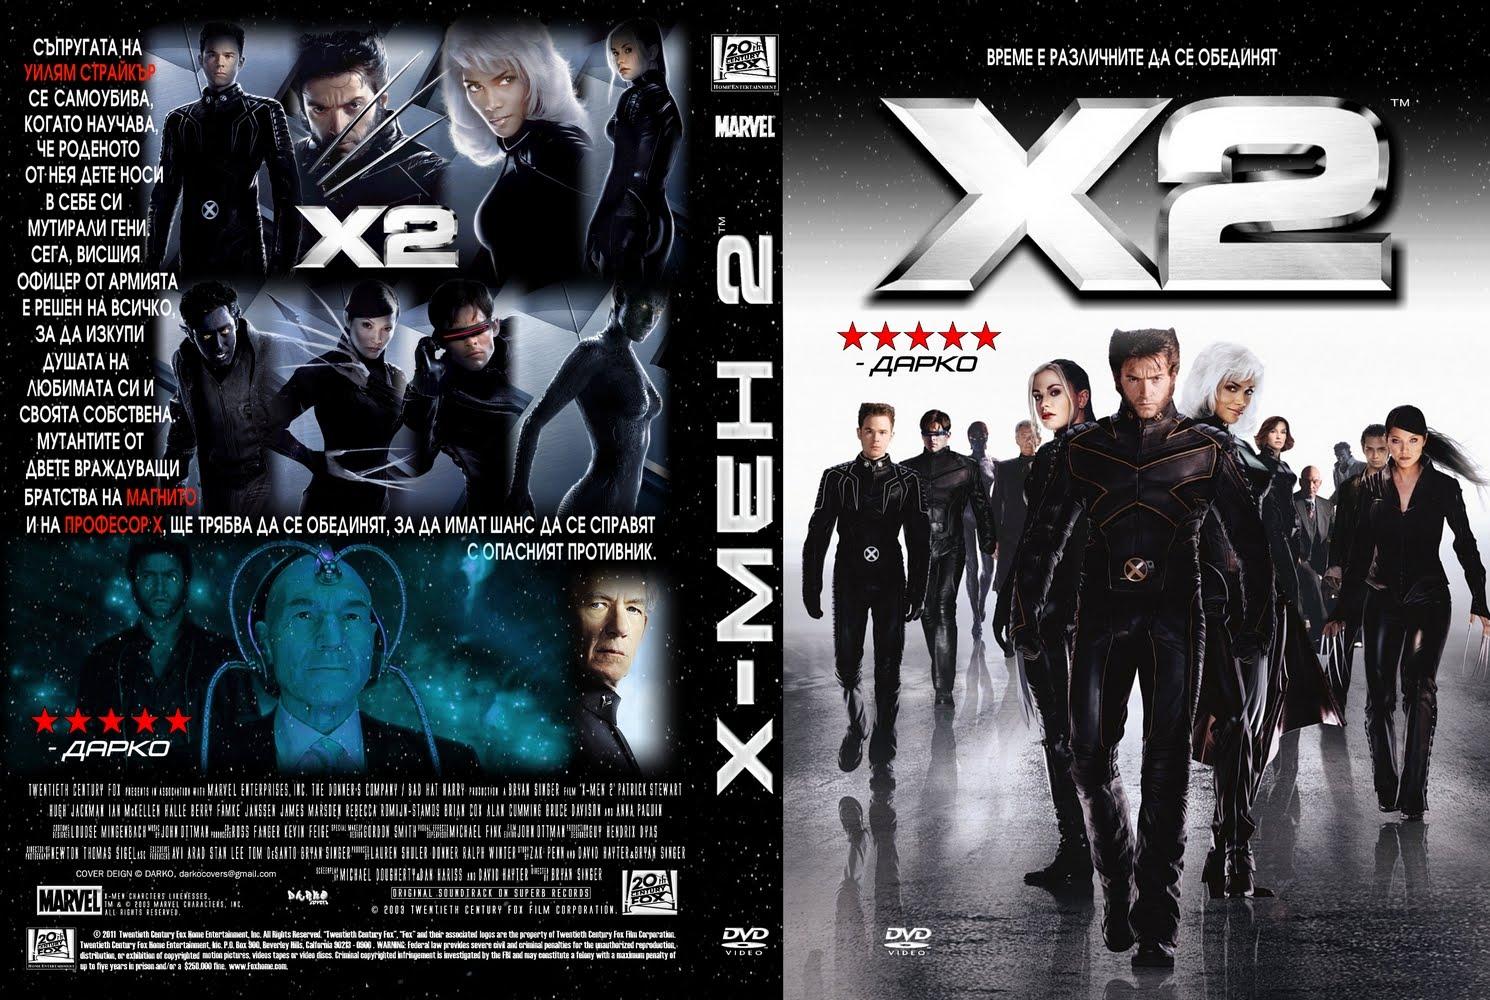 X Men Dvd Cover: X-men 2 Dvd Cover Related Keywords